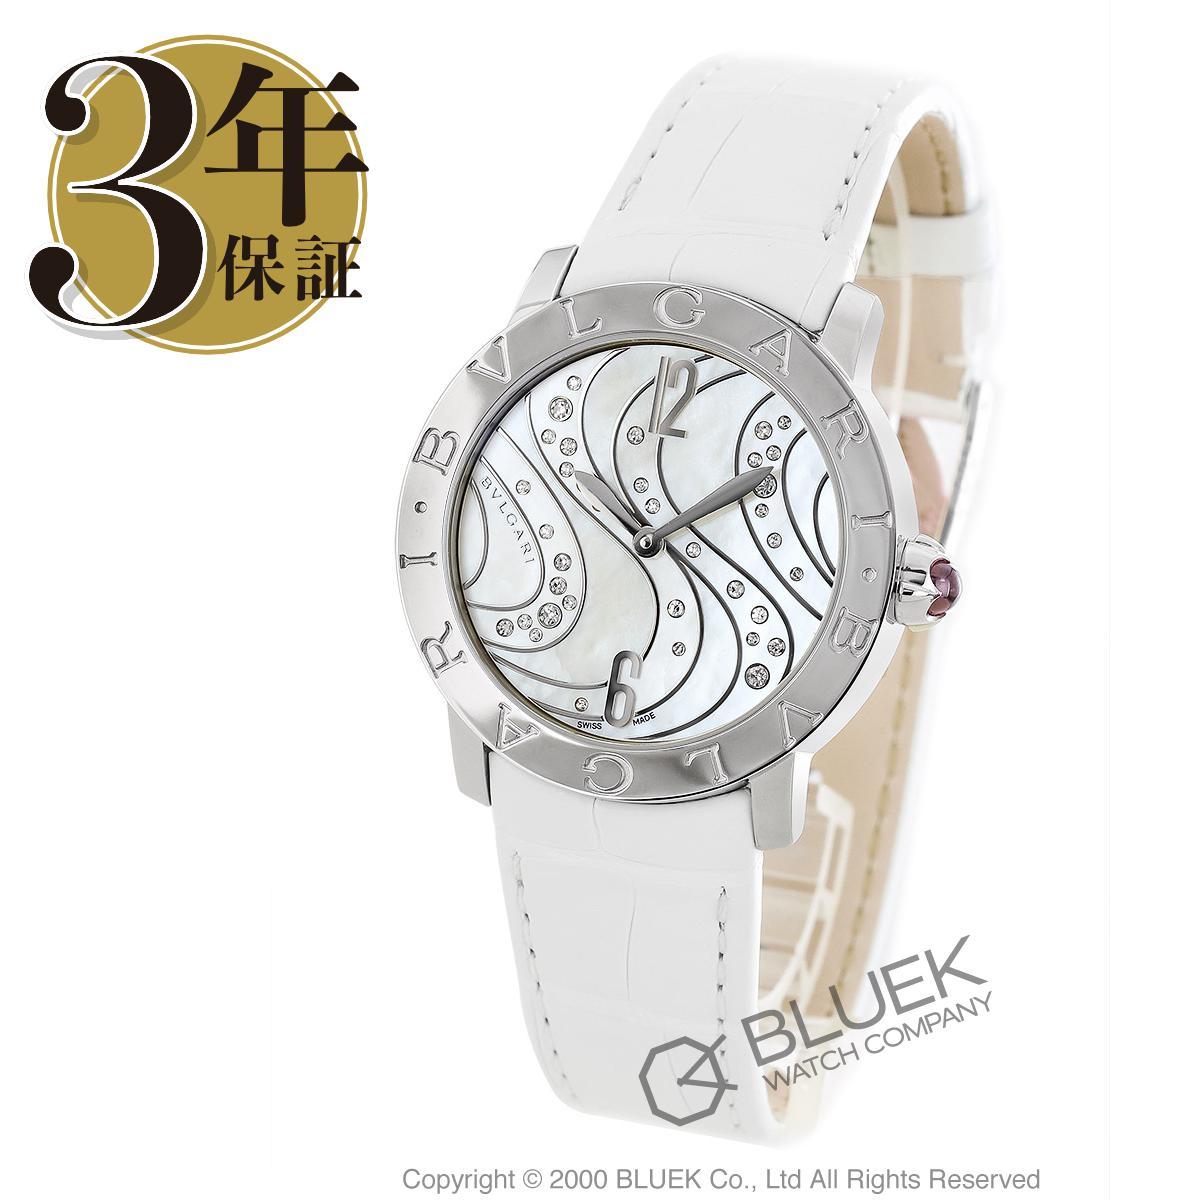 ブルガリ ブルガリブルガリ ダイヤ アリゲーターレザー 腕時計 レディース BVLGARI BBL37WCDSL_3